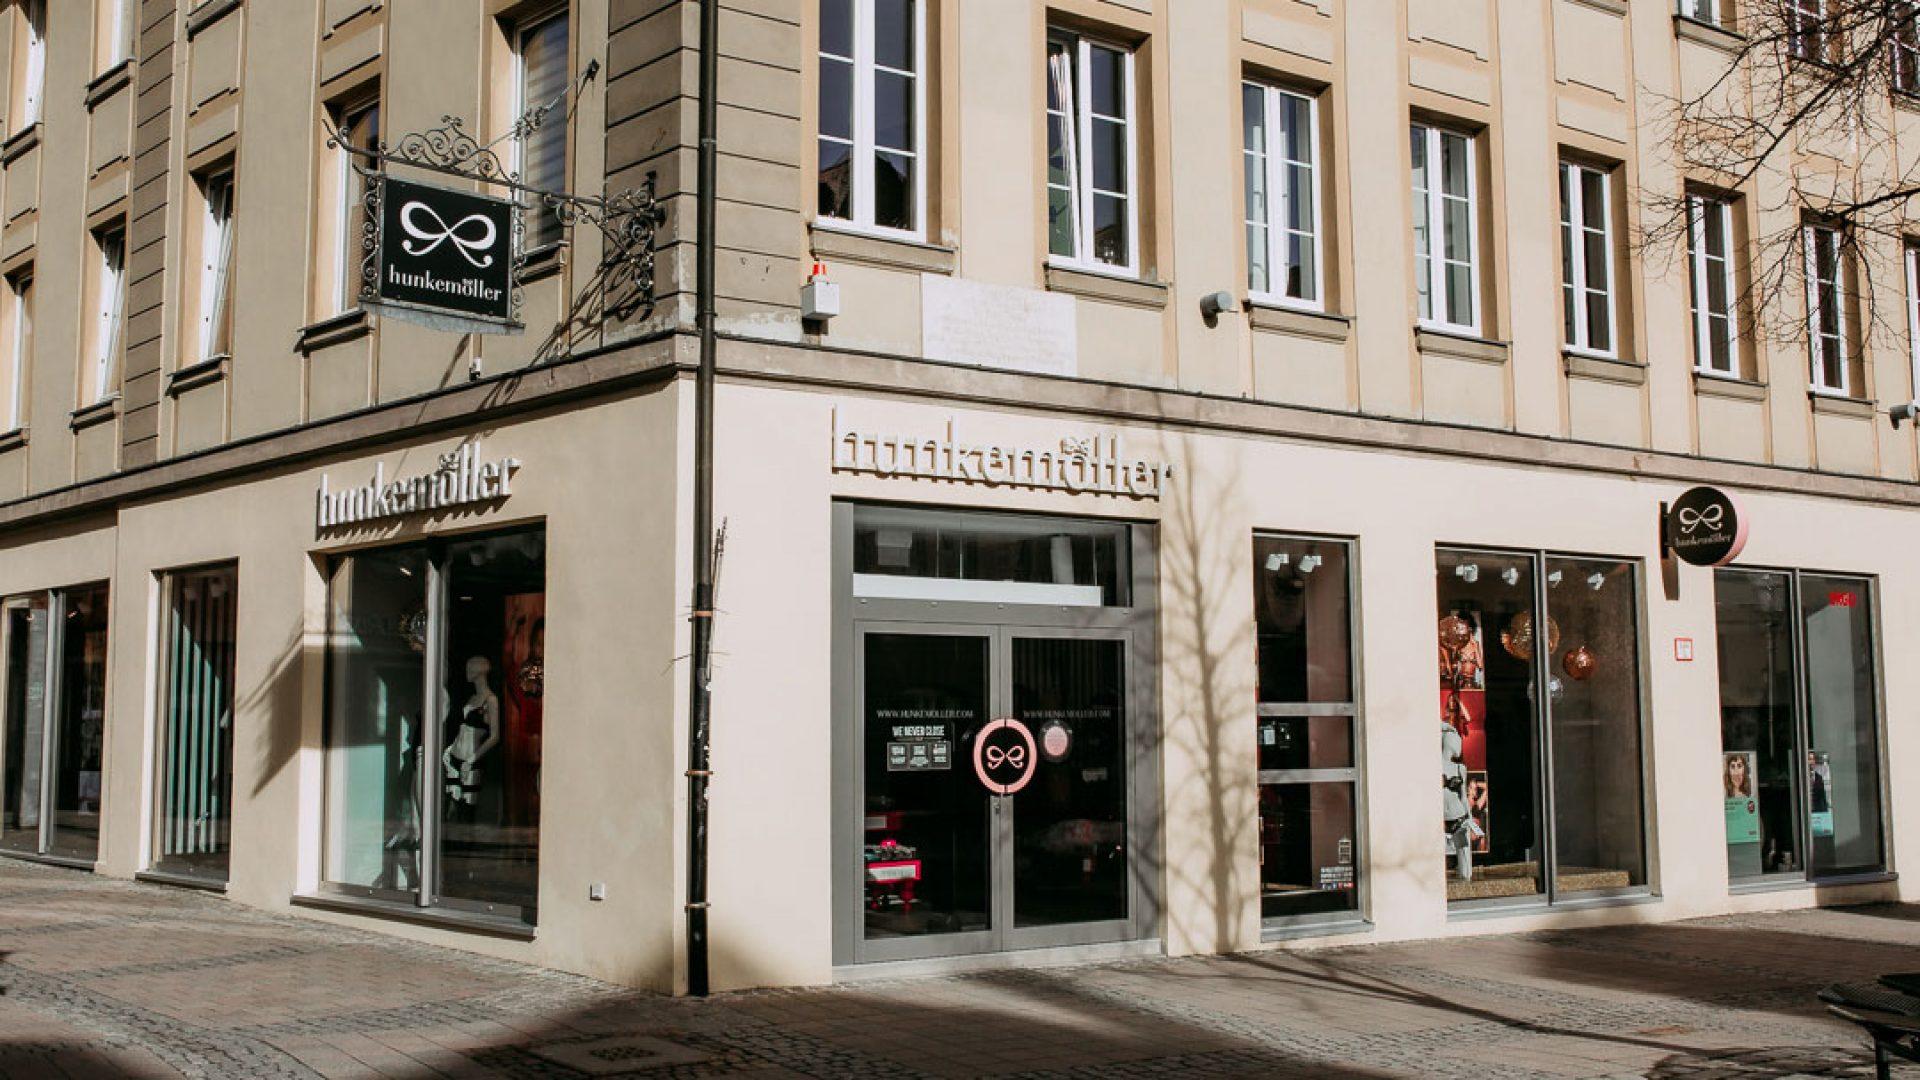 Einkaufen-in-Ansbach-Hunkemoeller